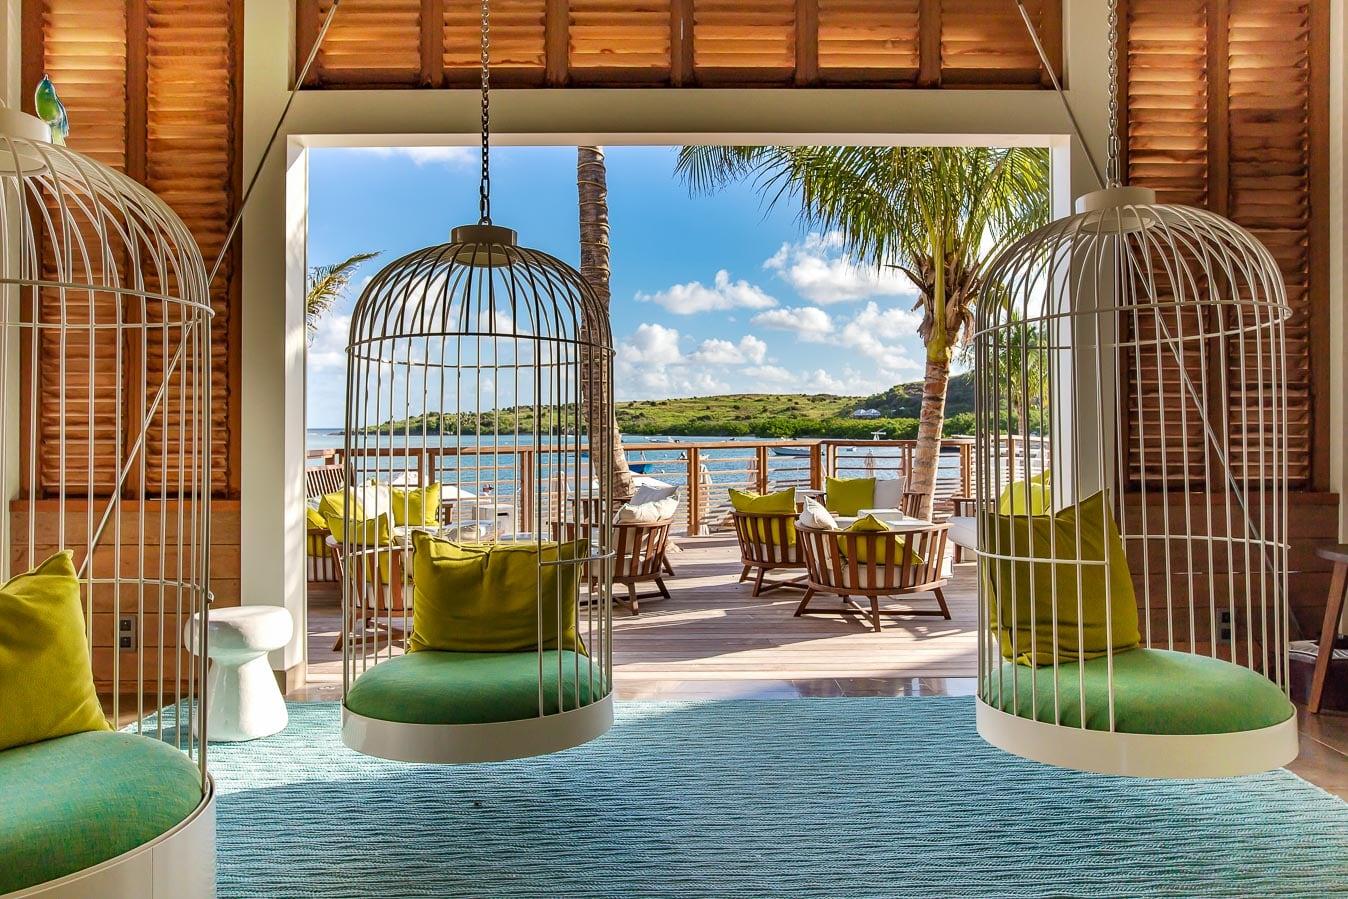 Le Barthélemy Hotel & Spa   PavillonBienvenue1@LaurentBenoit